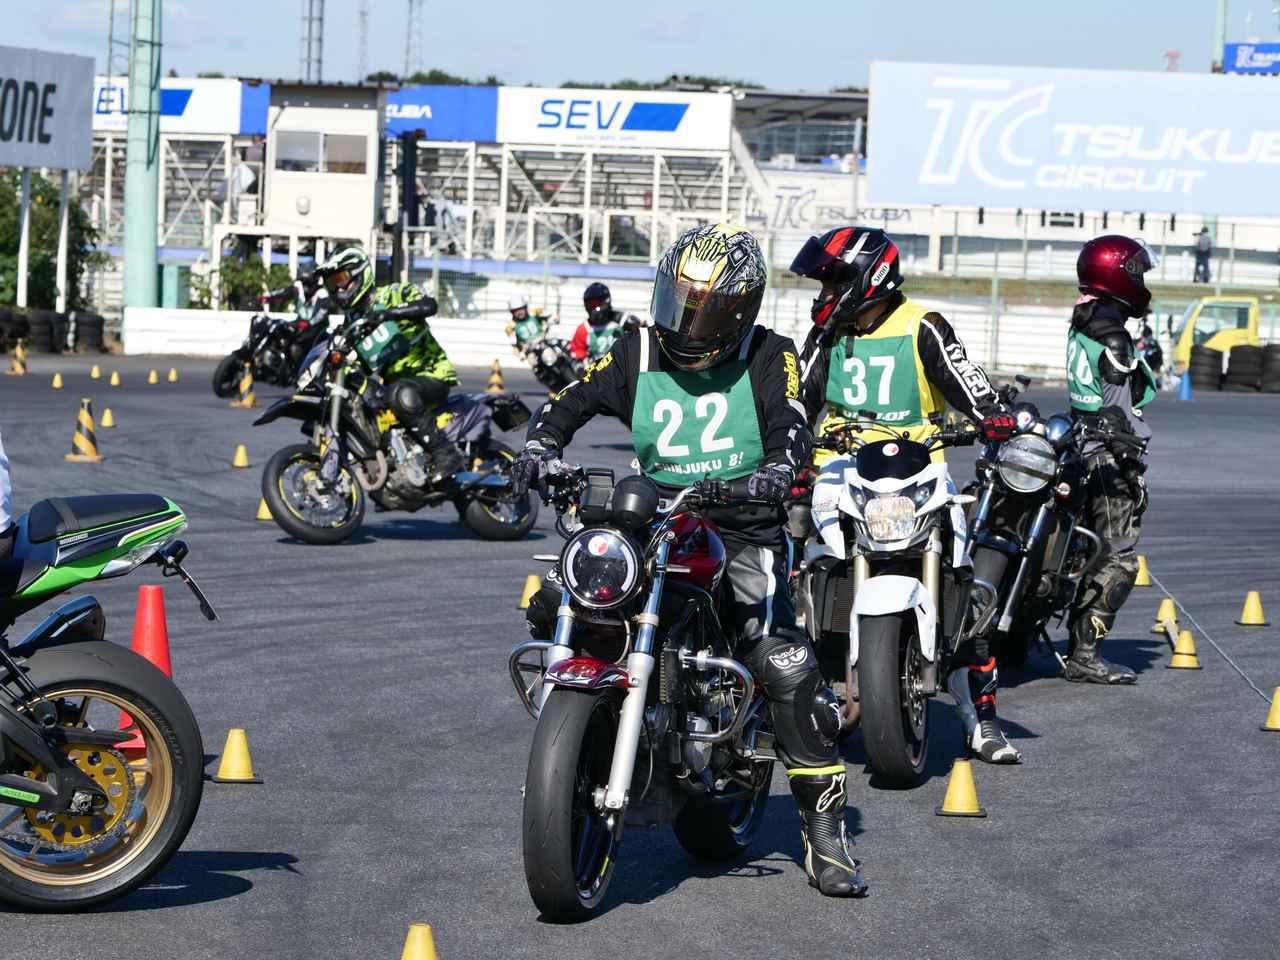 画像: 今年こそ全戦開催だ! 2021年シーズンのダンロップ・オートバイ杯ジムカーナの日程発表 - webオートバイ